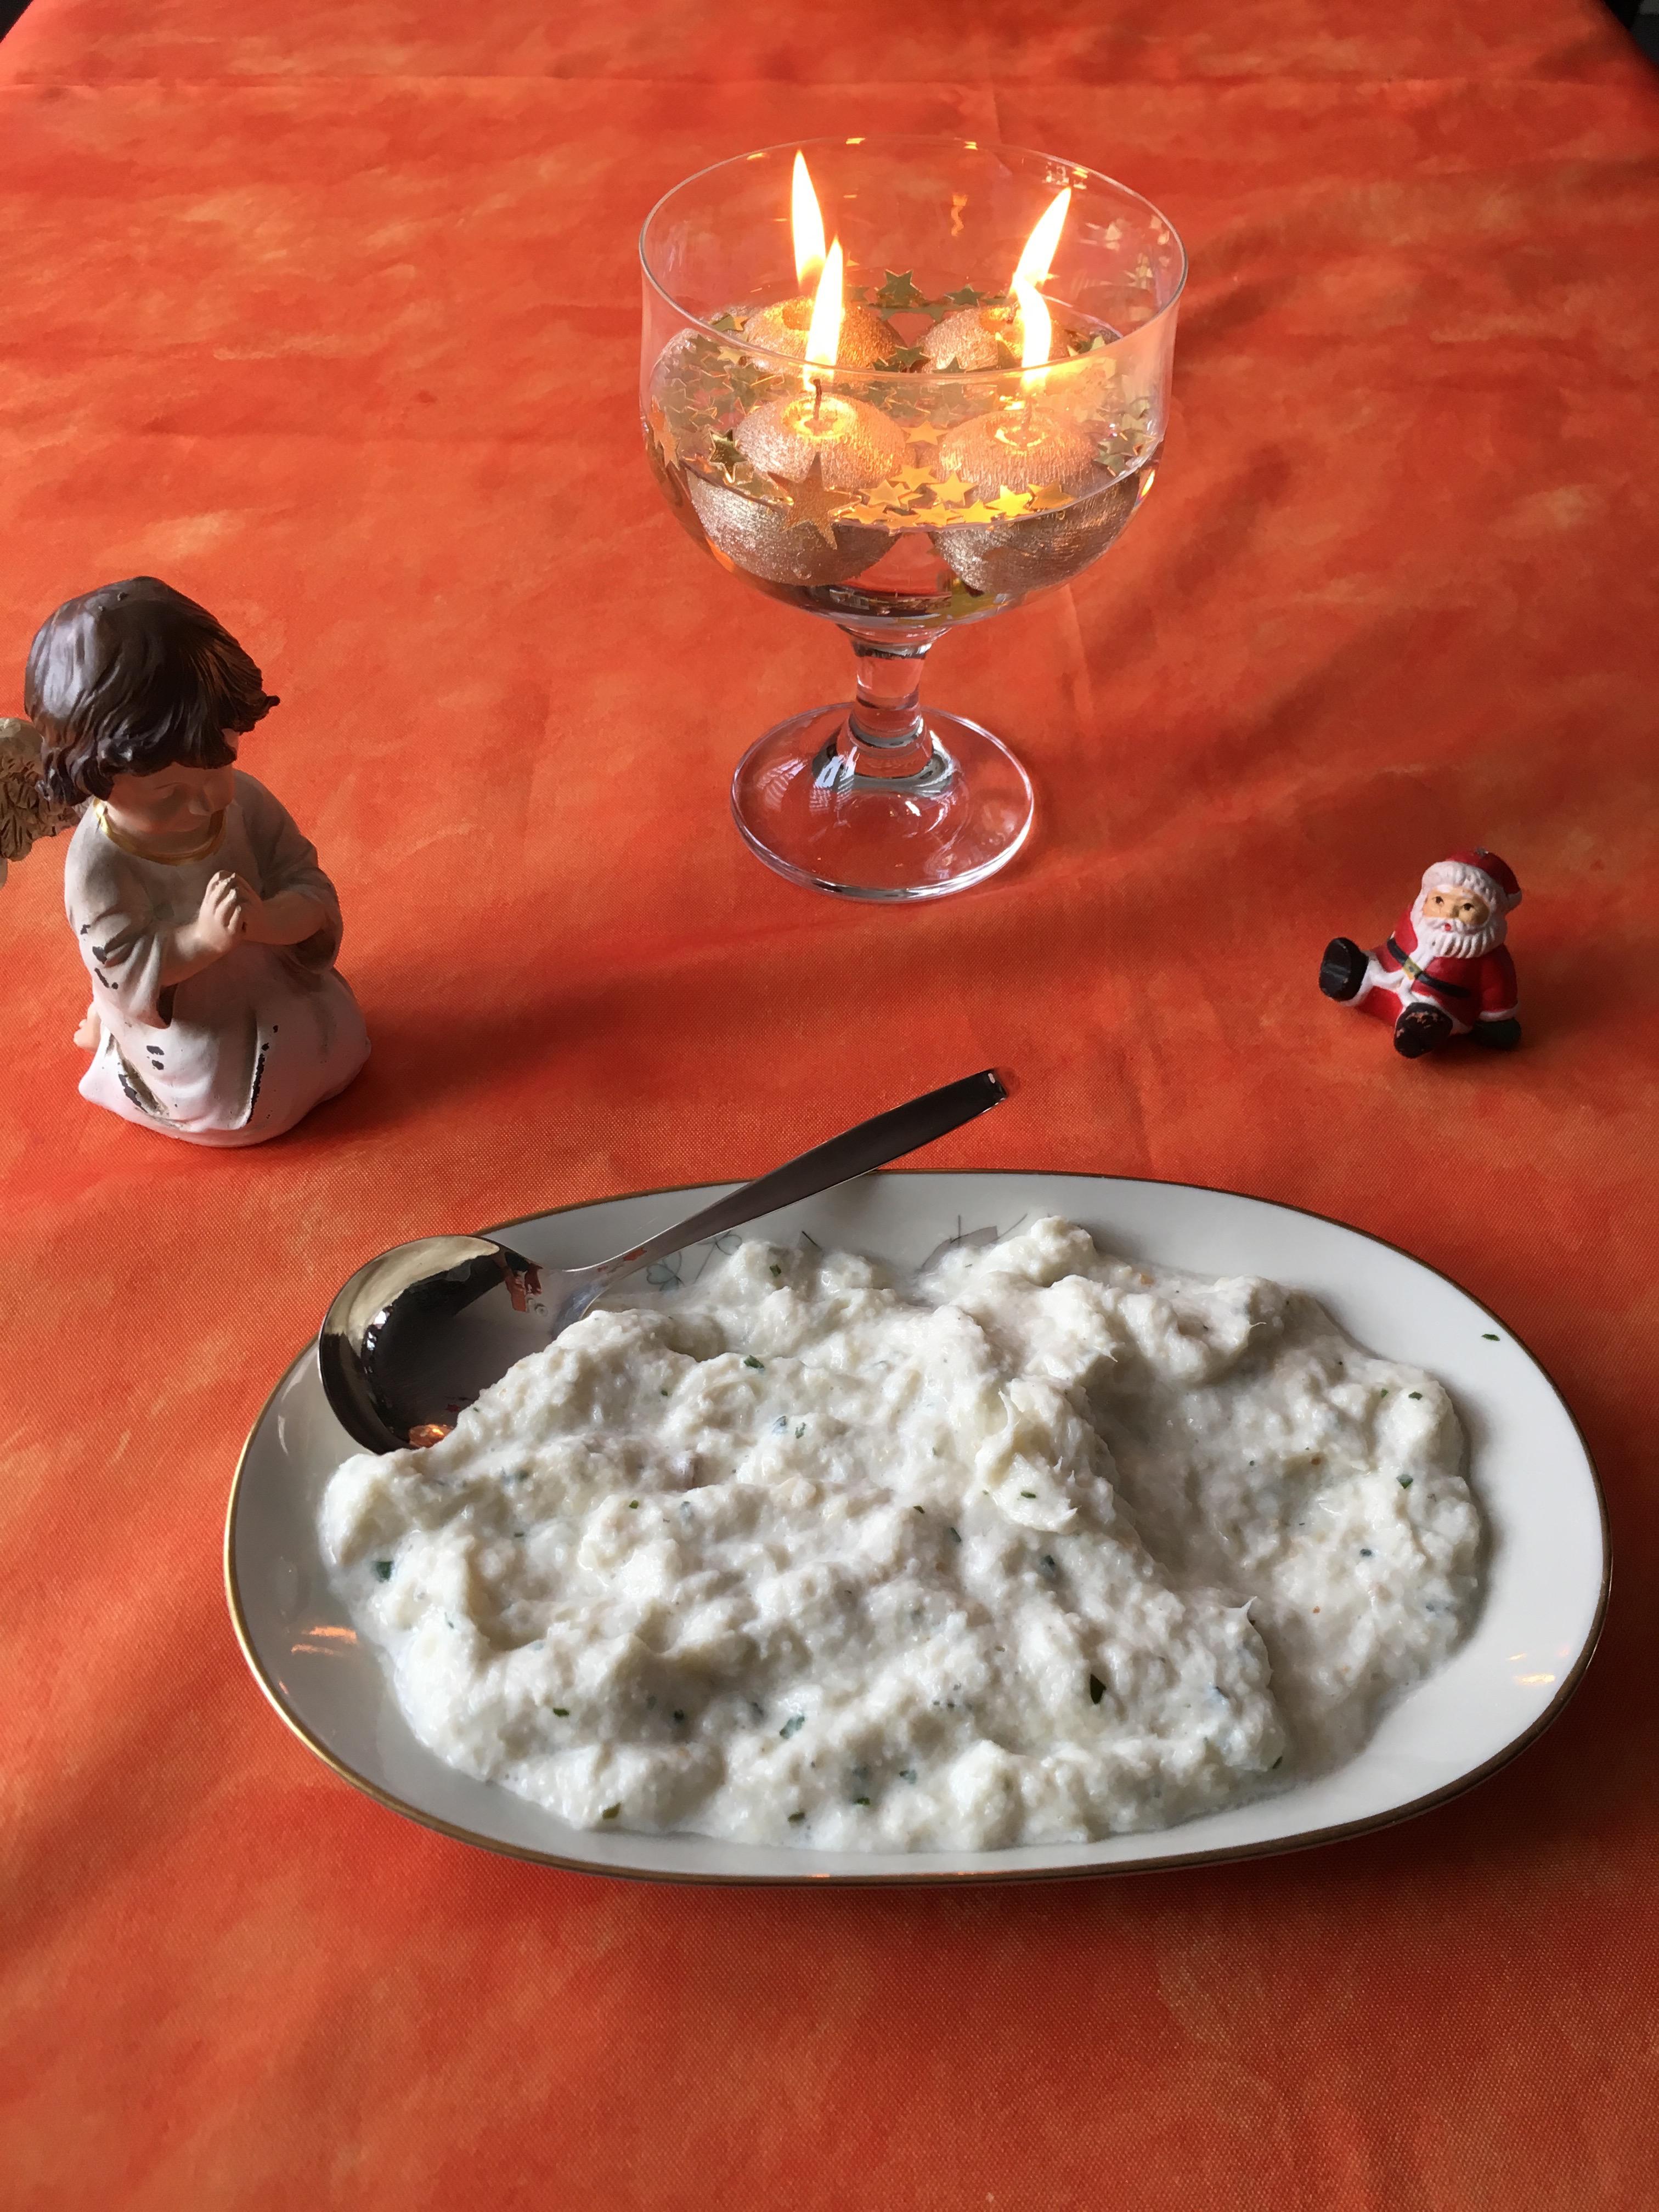 Weihnachtsessen Für 2.Lifestyle Italienisches Weihnachtsessen Essen Weihnachten